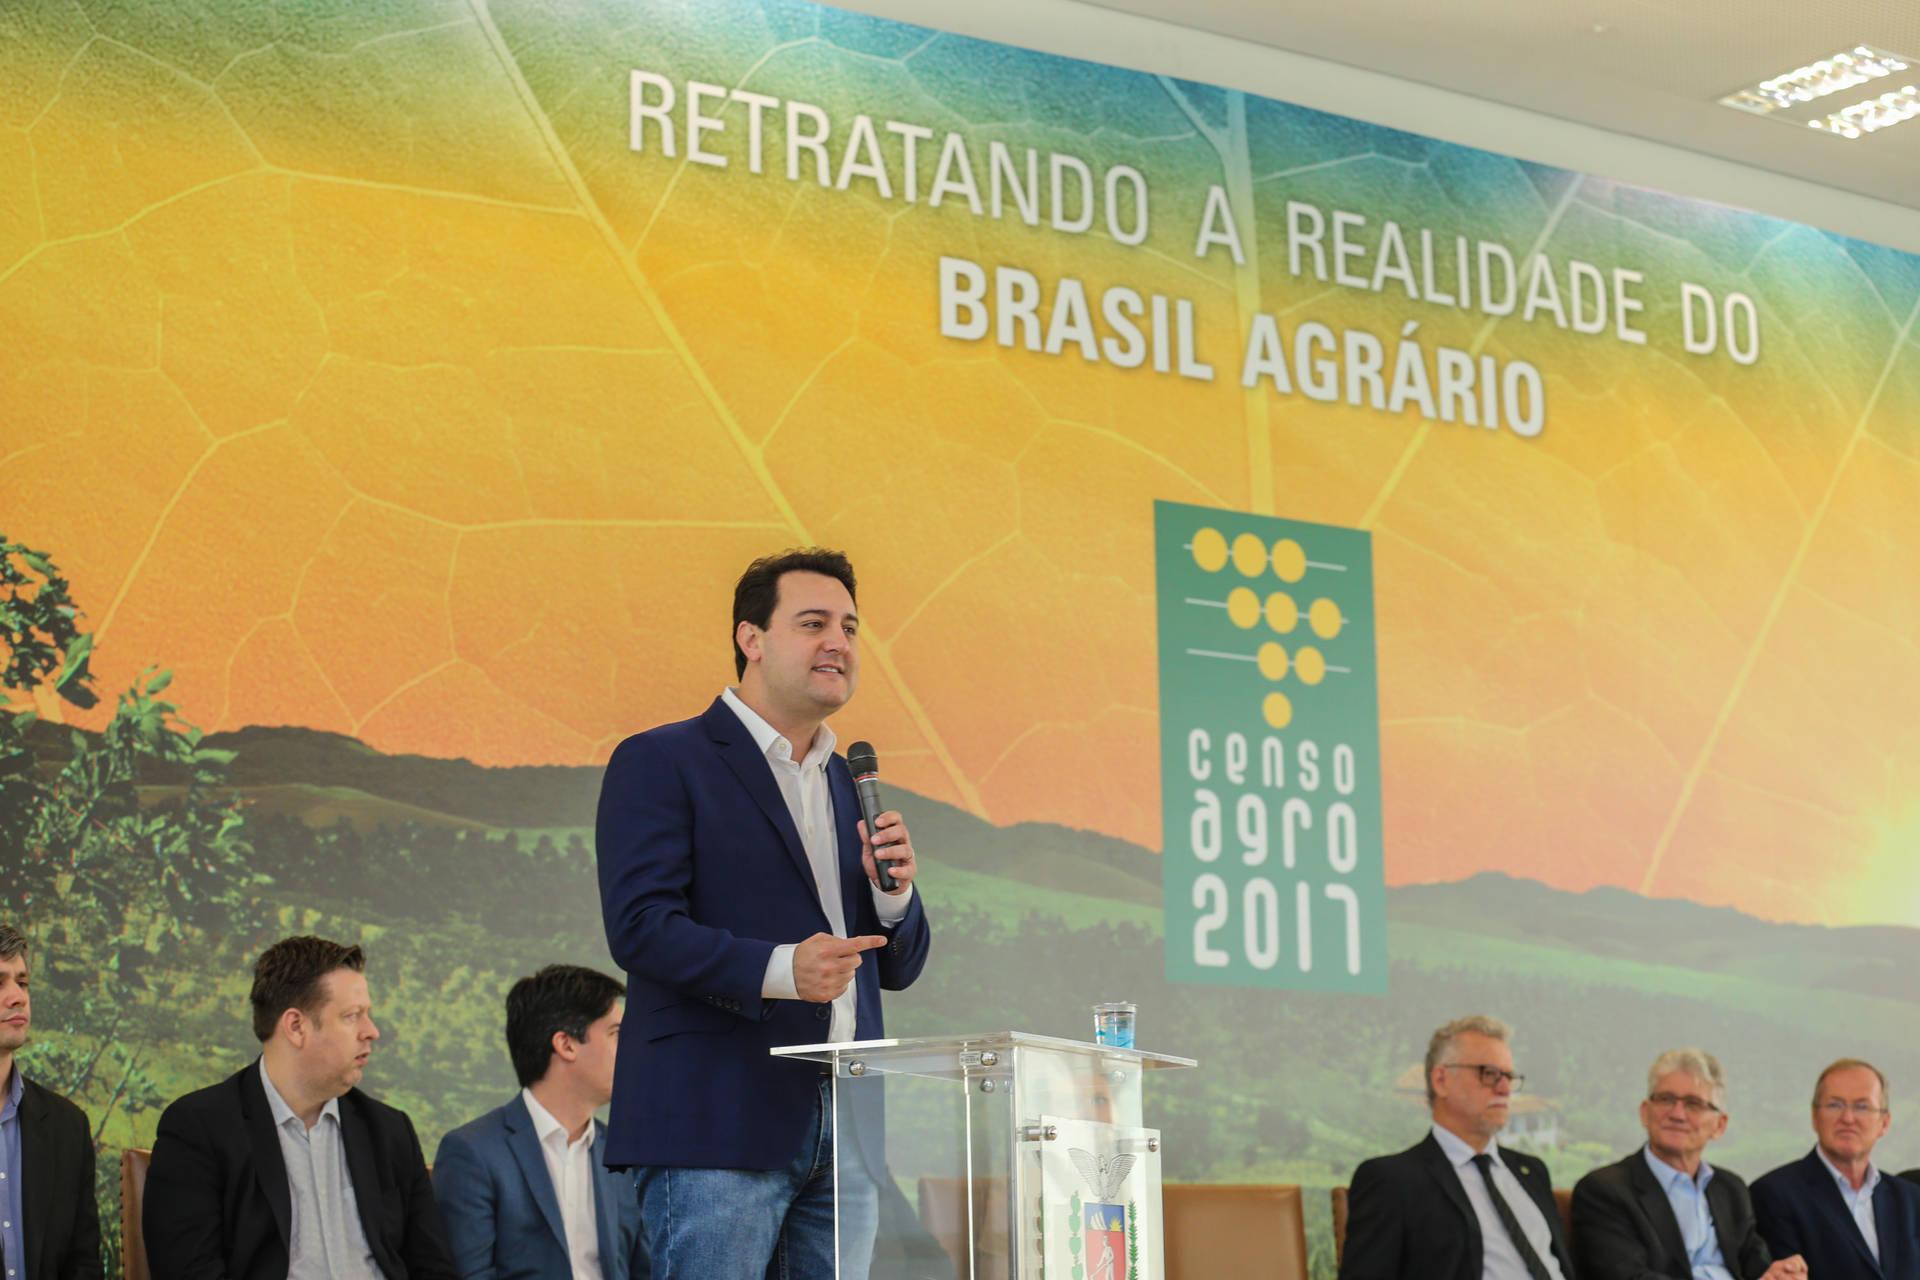 Agronegócio do Paraná mantém ritmo de crescimento, segundo Censo